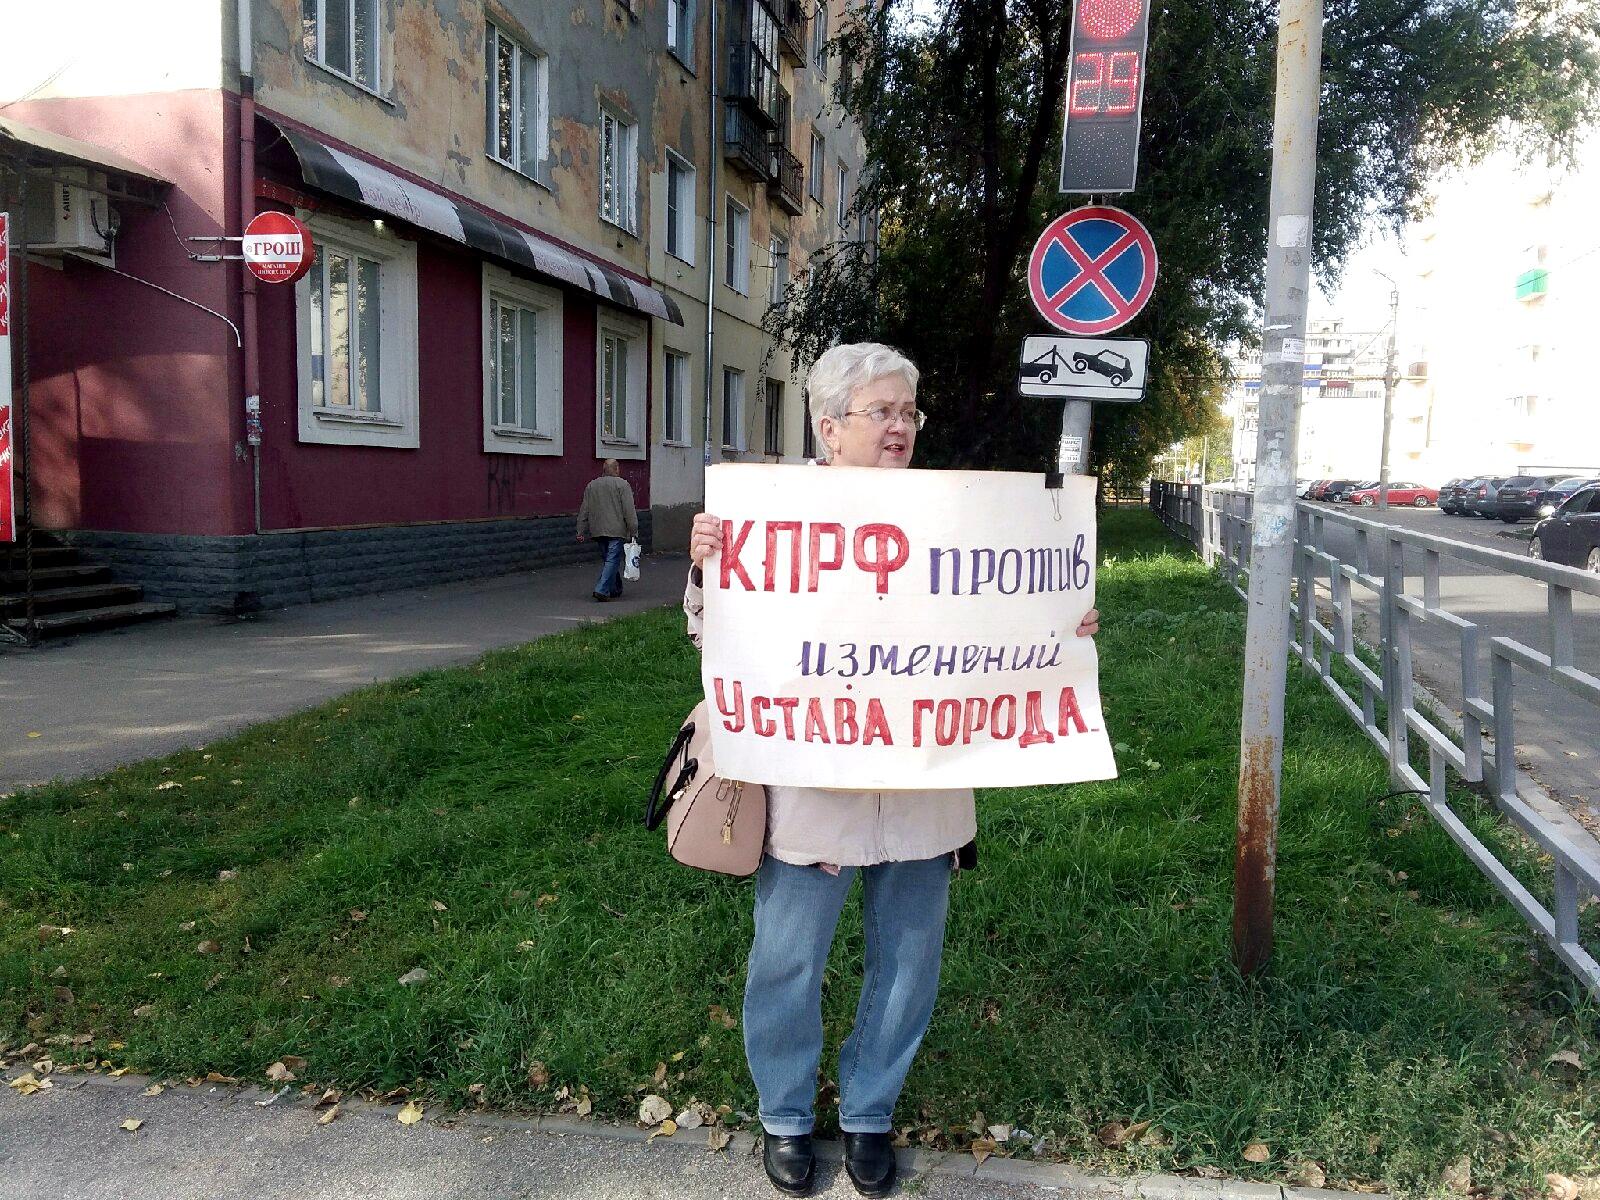 Протесты в Сызрани на Московской 27 сентября